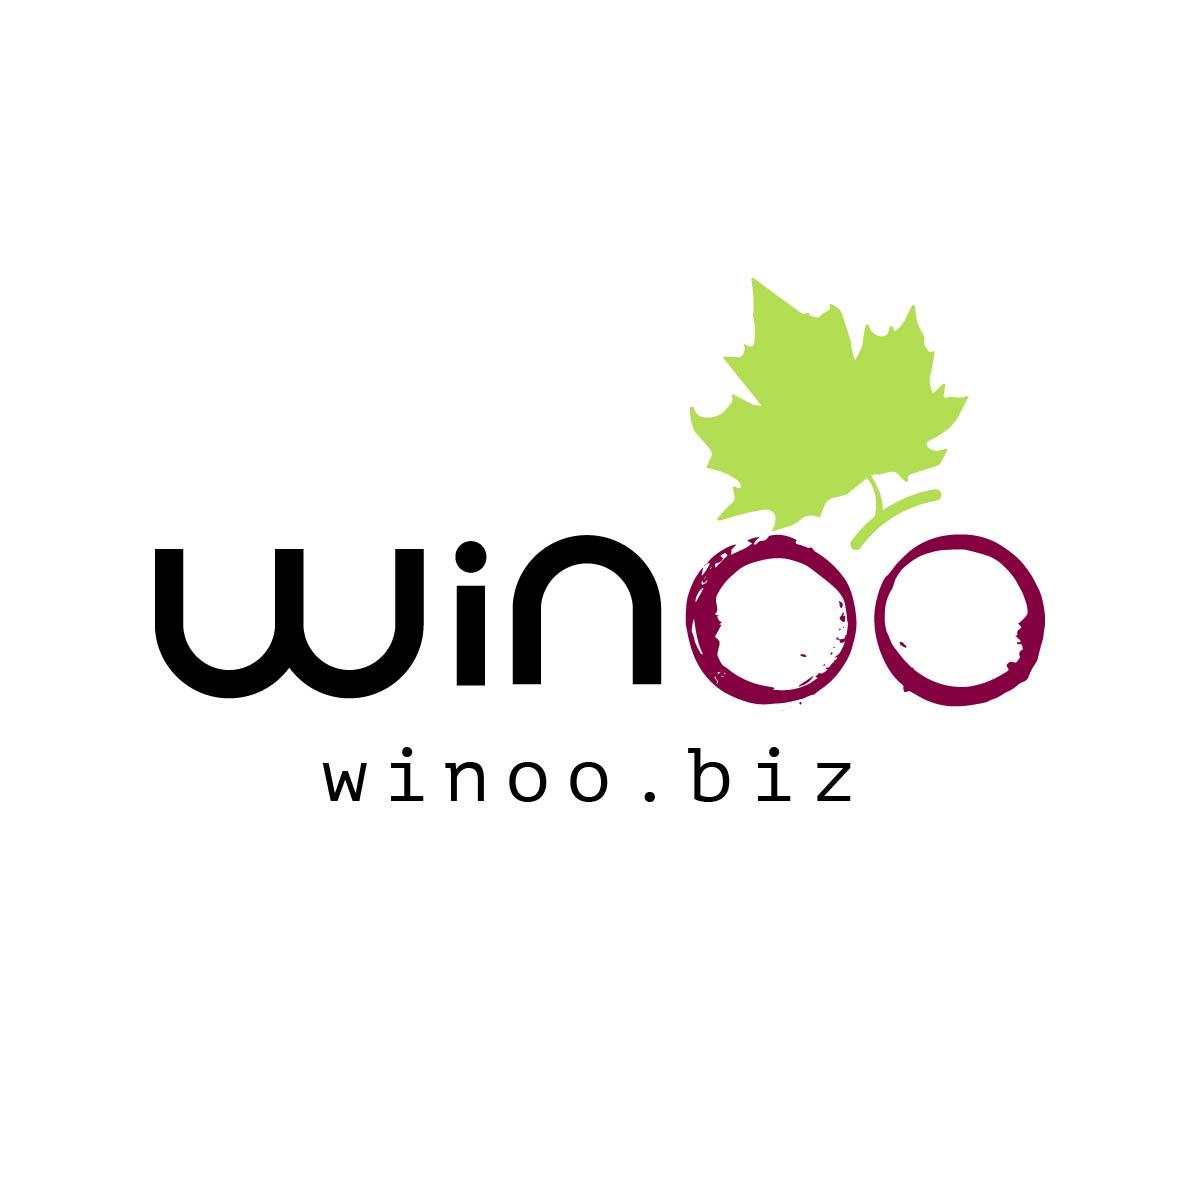 winoo - Branding Design